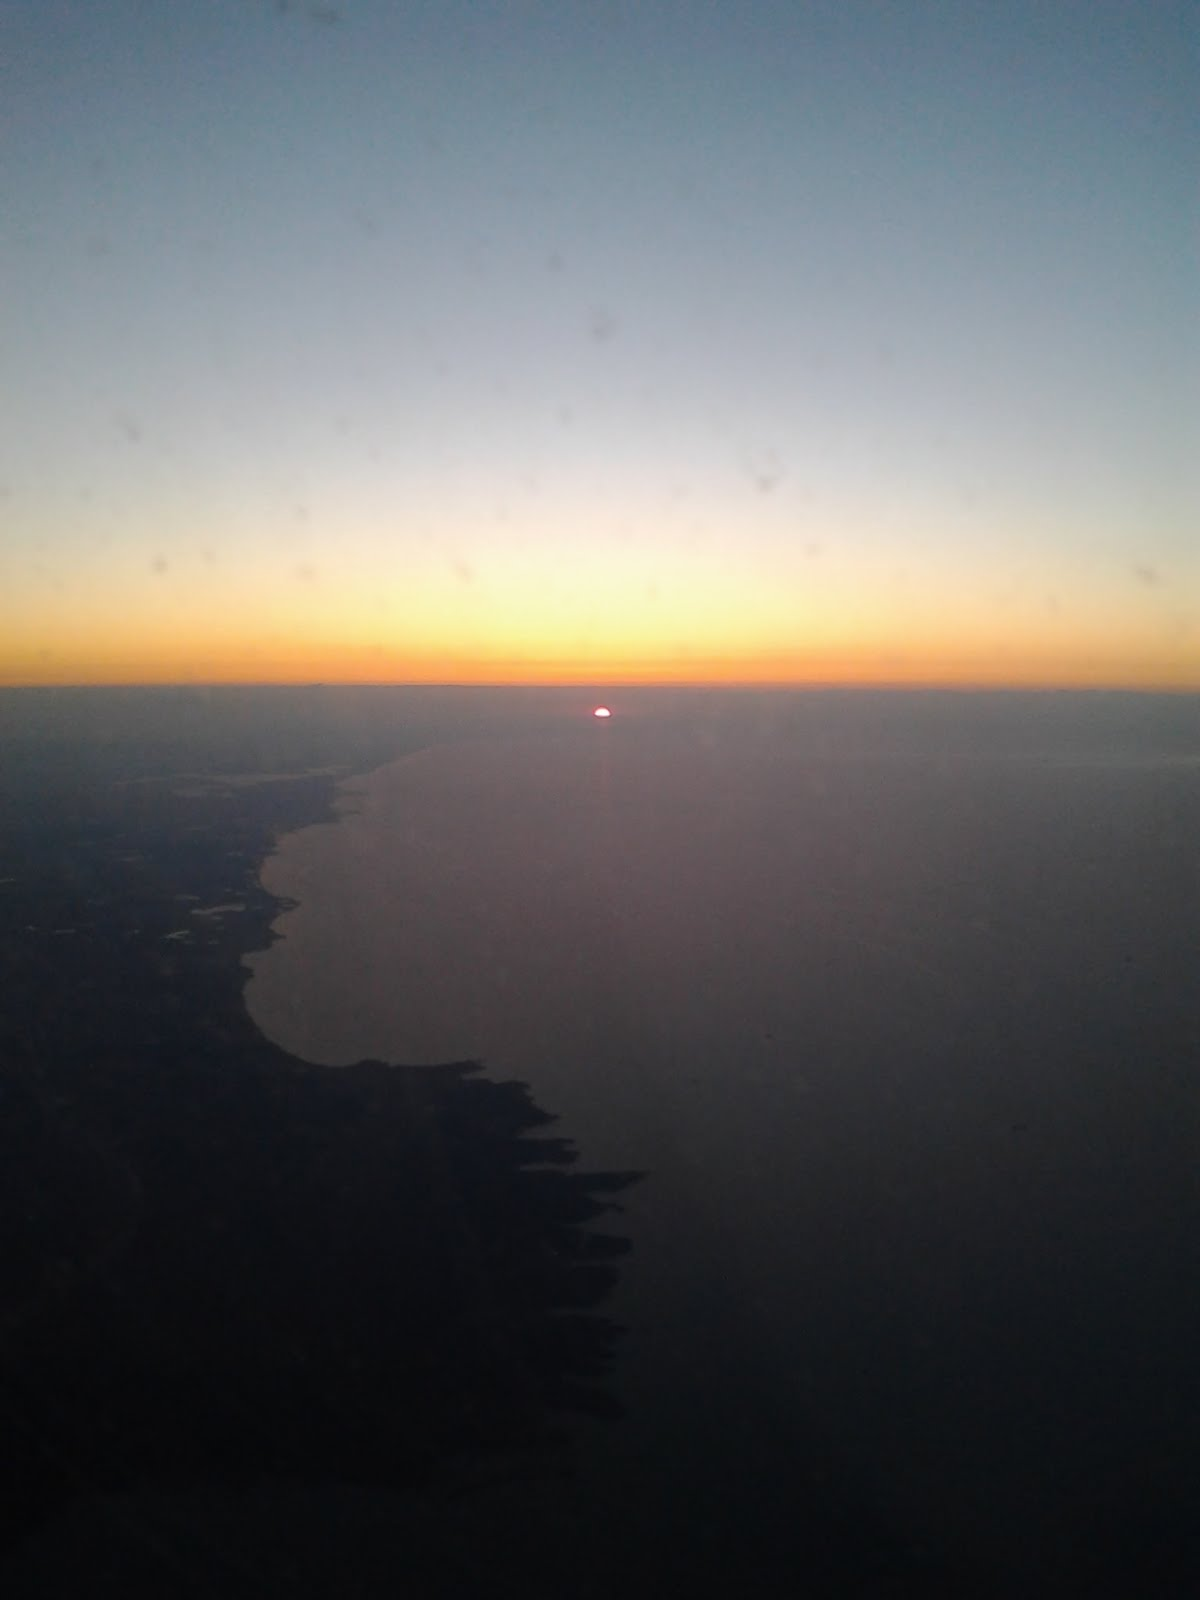 Sonnenaufgang vom Flugzeug aus